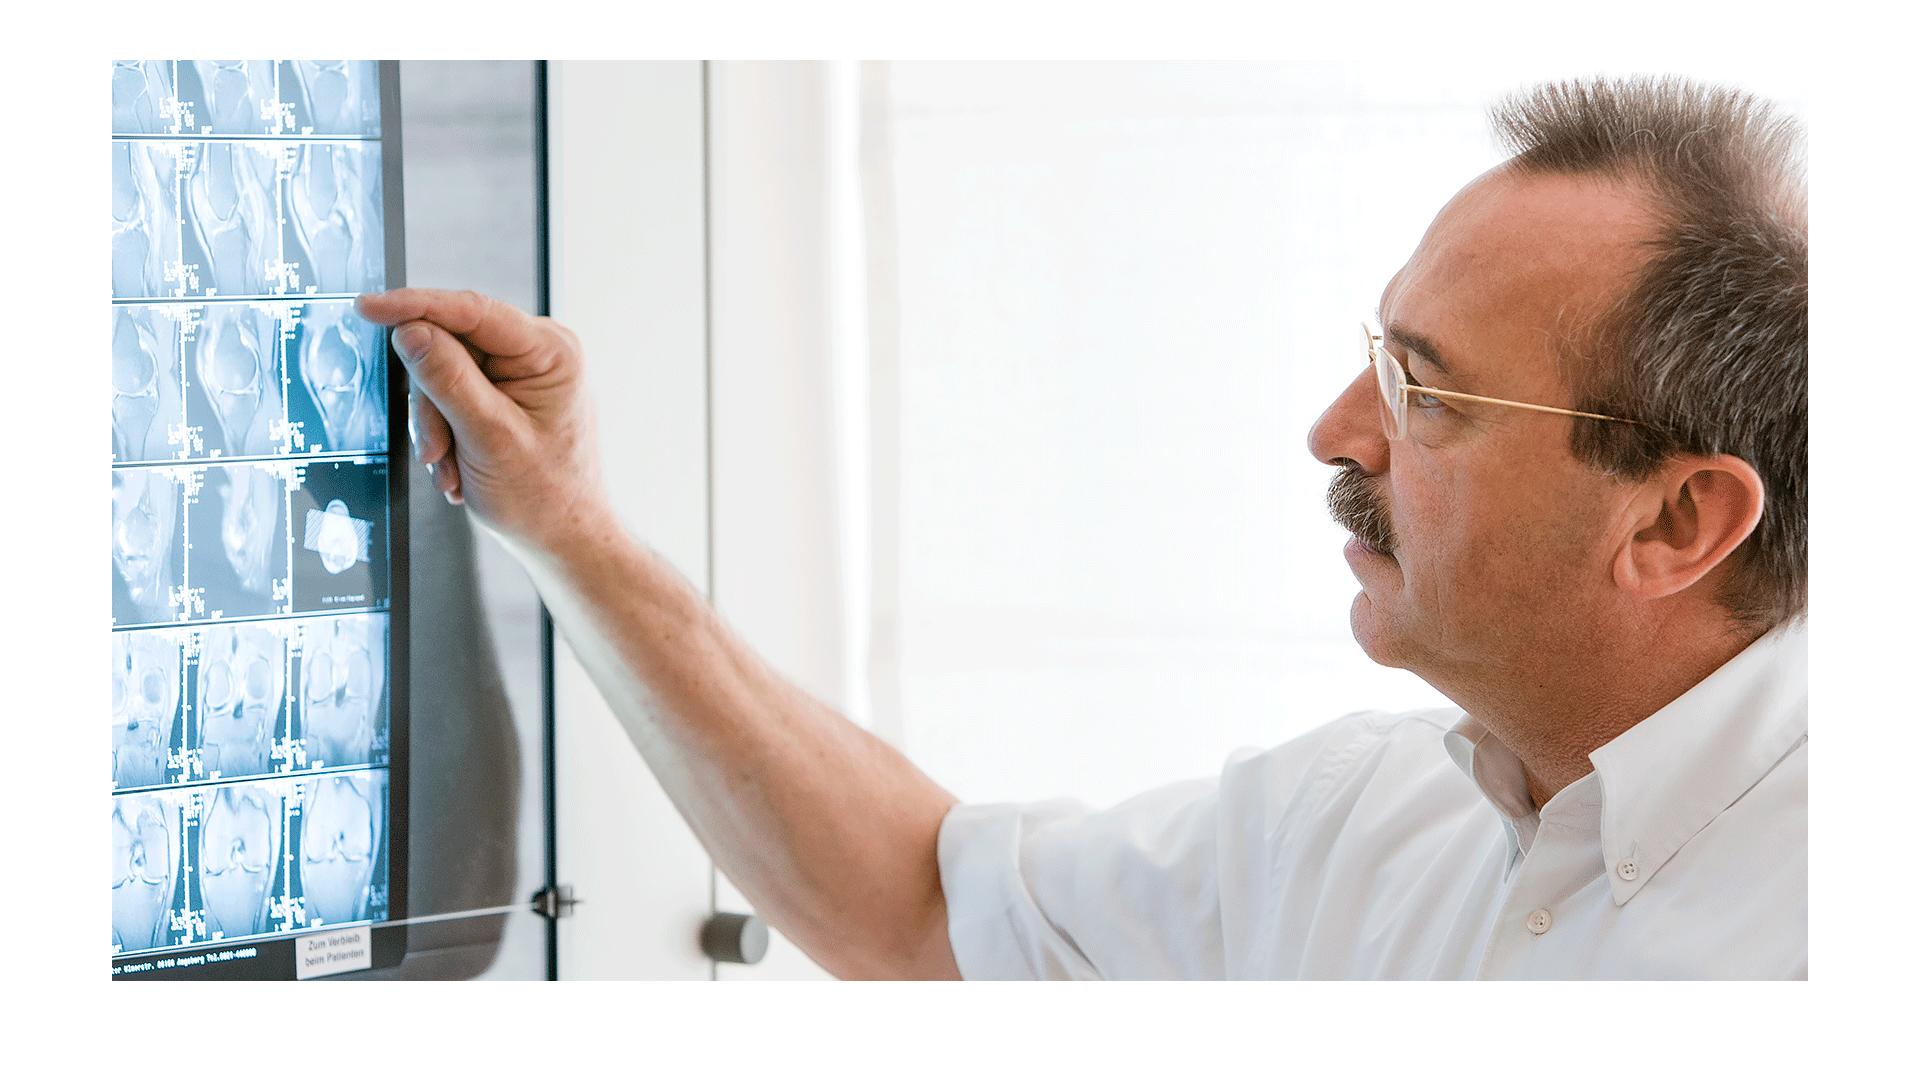 Ein Arzt - hier ein Orthopäde beurteilt MRT-Aufnahmen am Leuchtpult